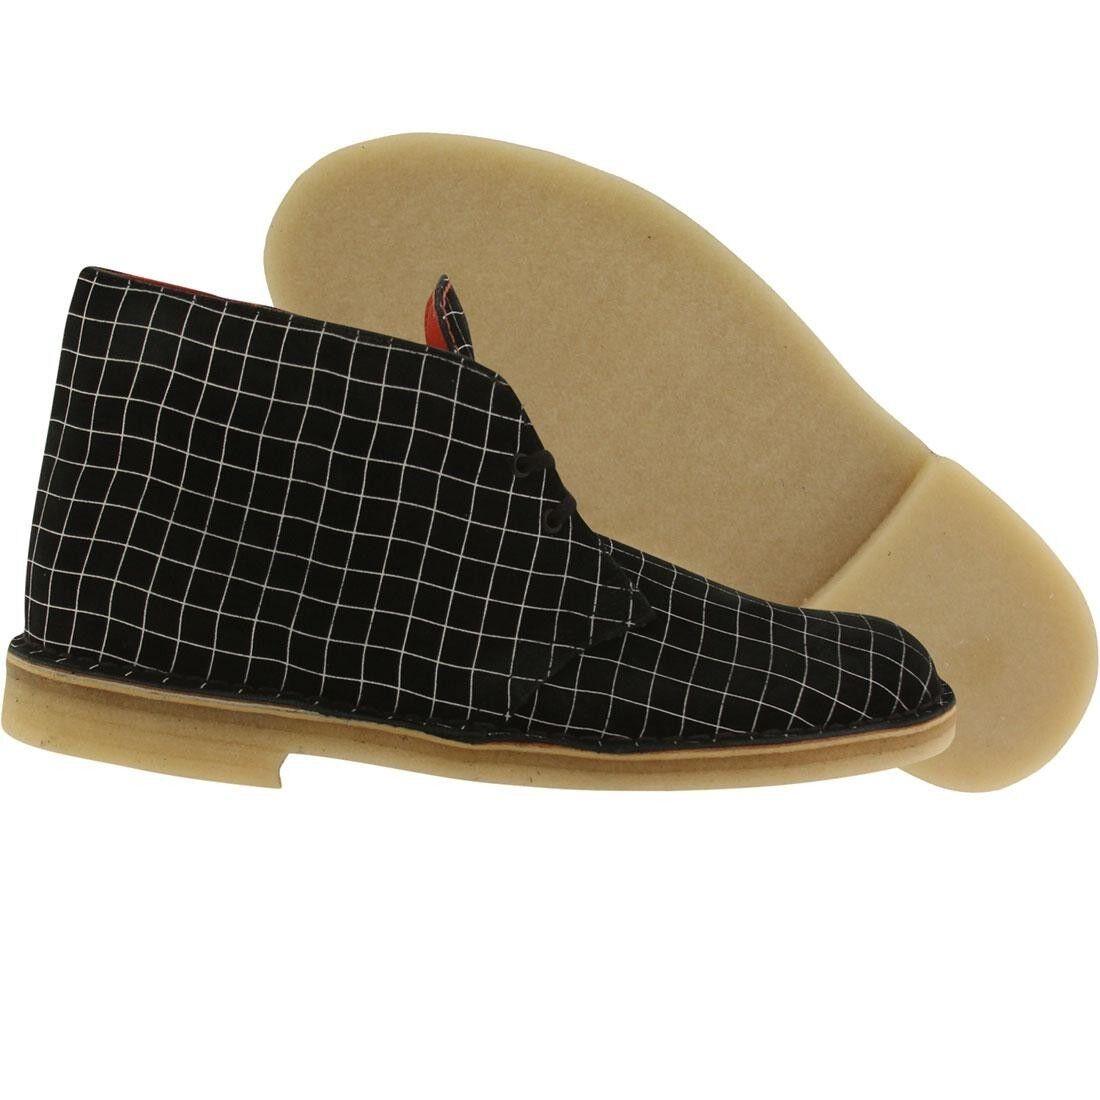 179.99 Clarks Men Desert Boot black white grid 26110027